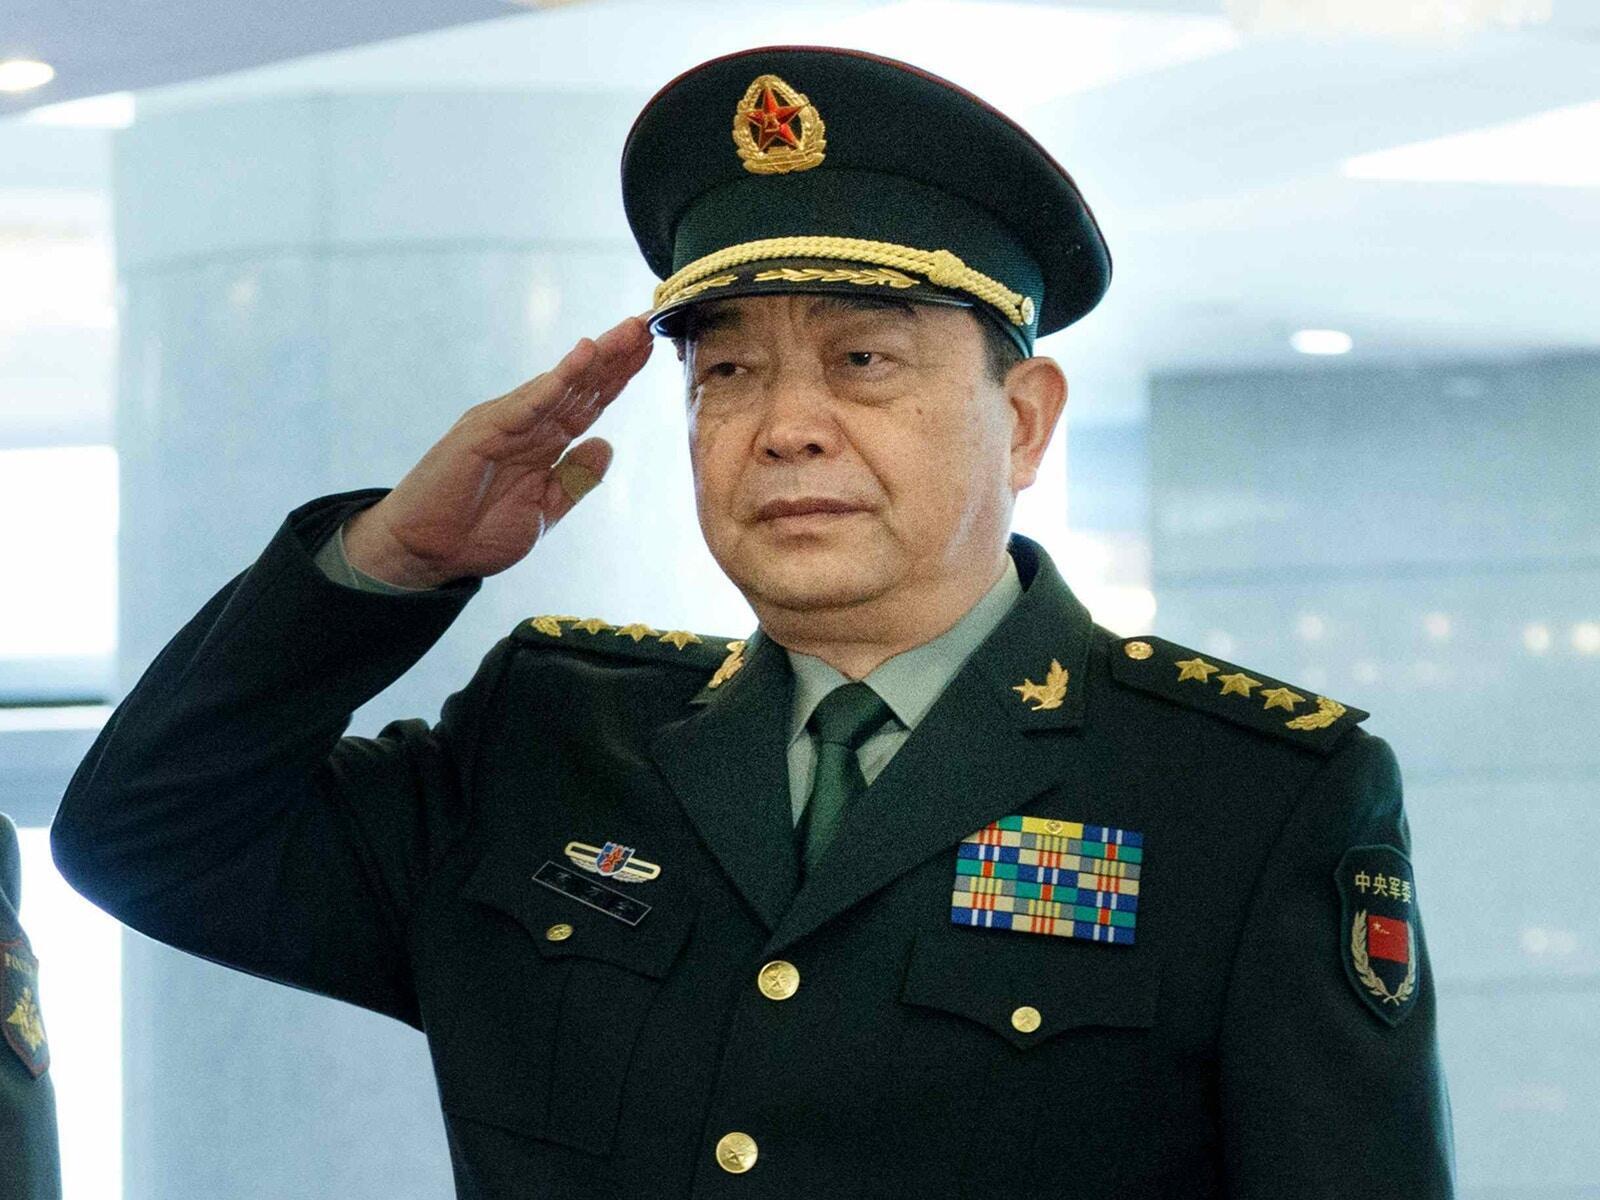 中国国防部前防长、前国务委员常万全据指涉嫌郭伯雄、徐才厚贪腐案。